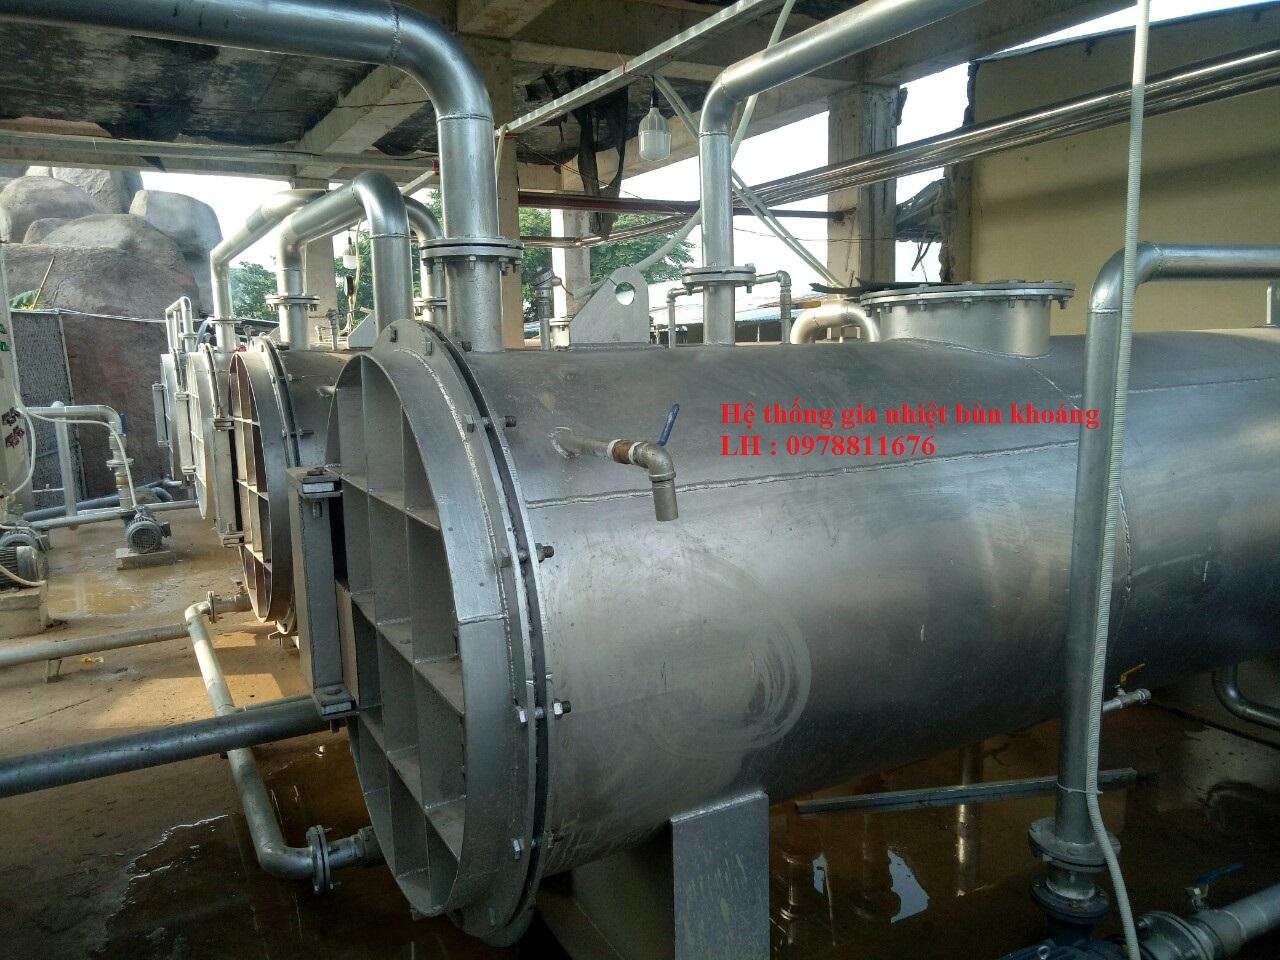 Hệ thống gia nhiệt tắm bùn khoáng, hệ thống gia nhiệt nước khoáng